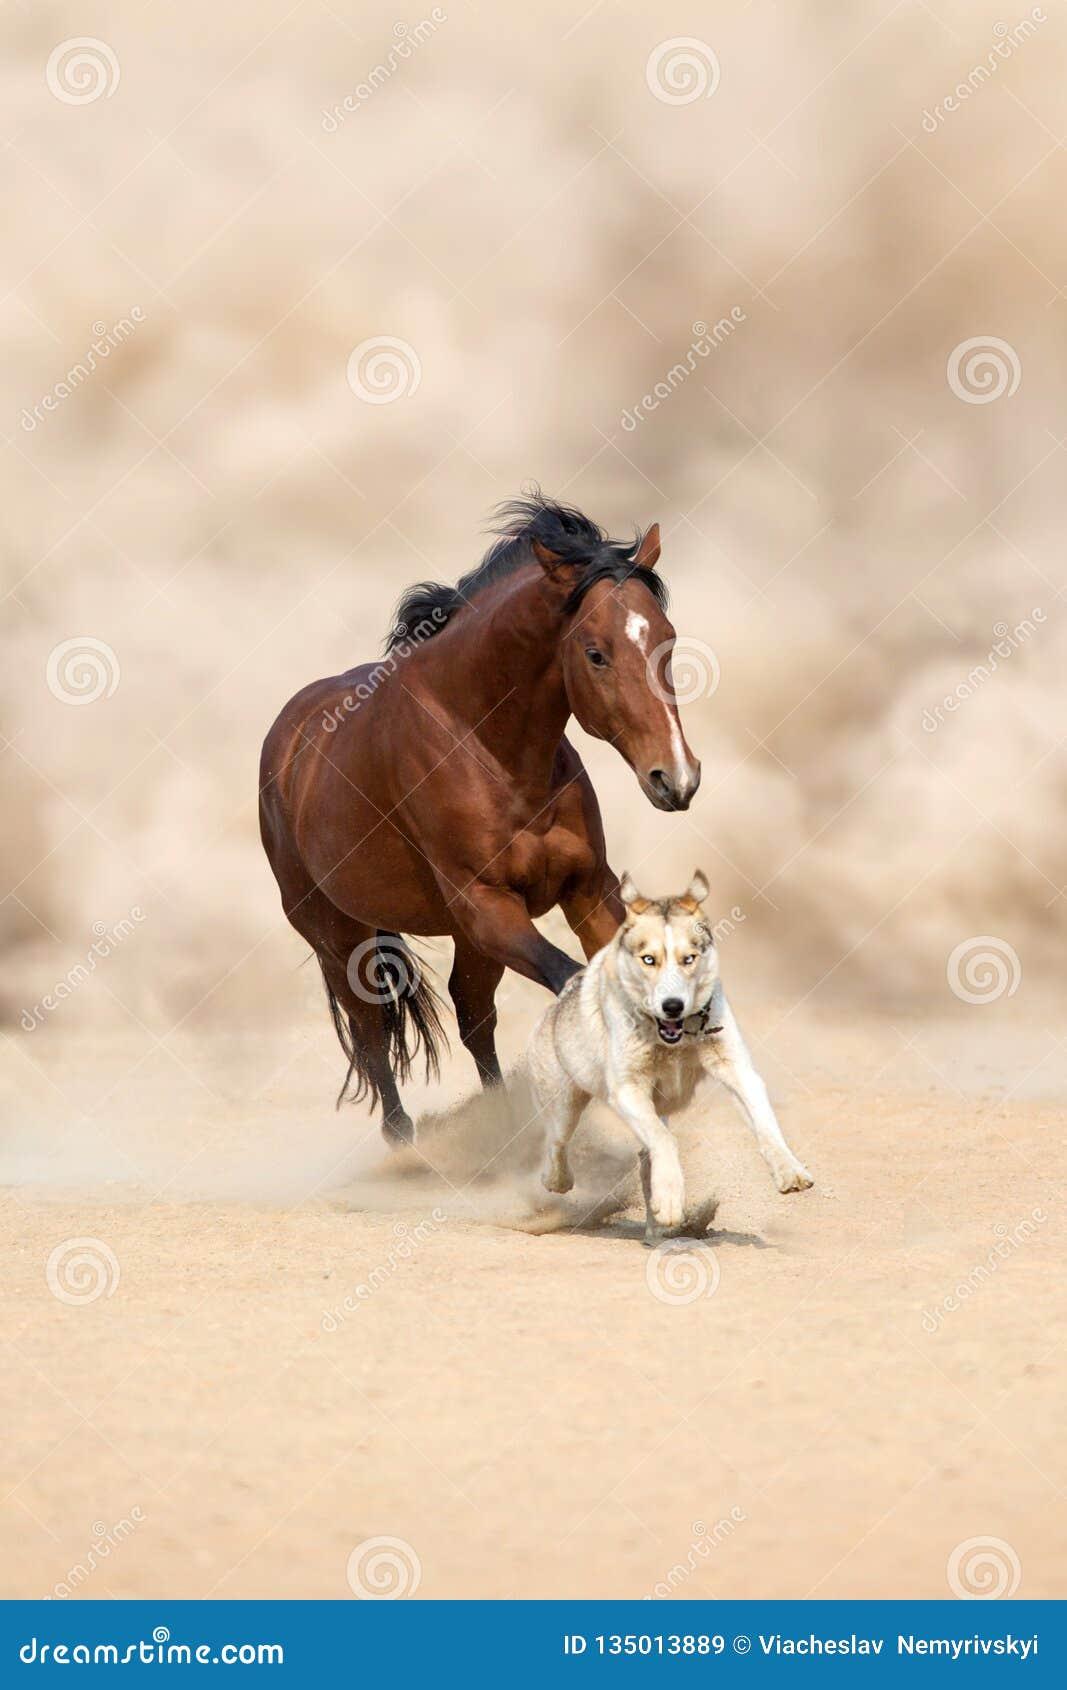 Cavallo e cane in deserto